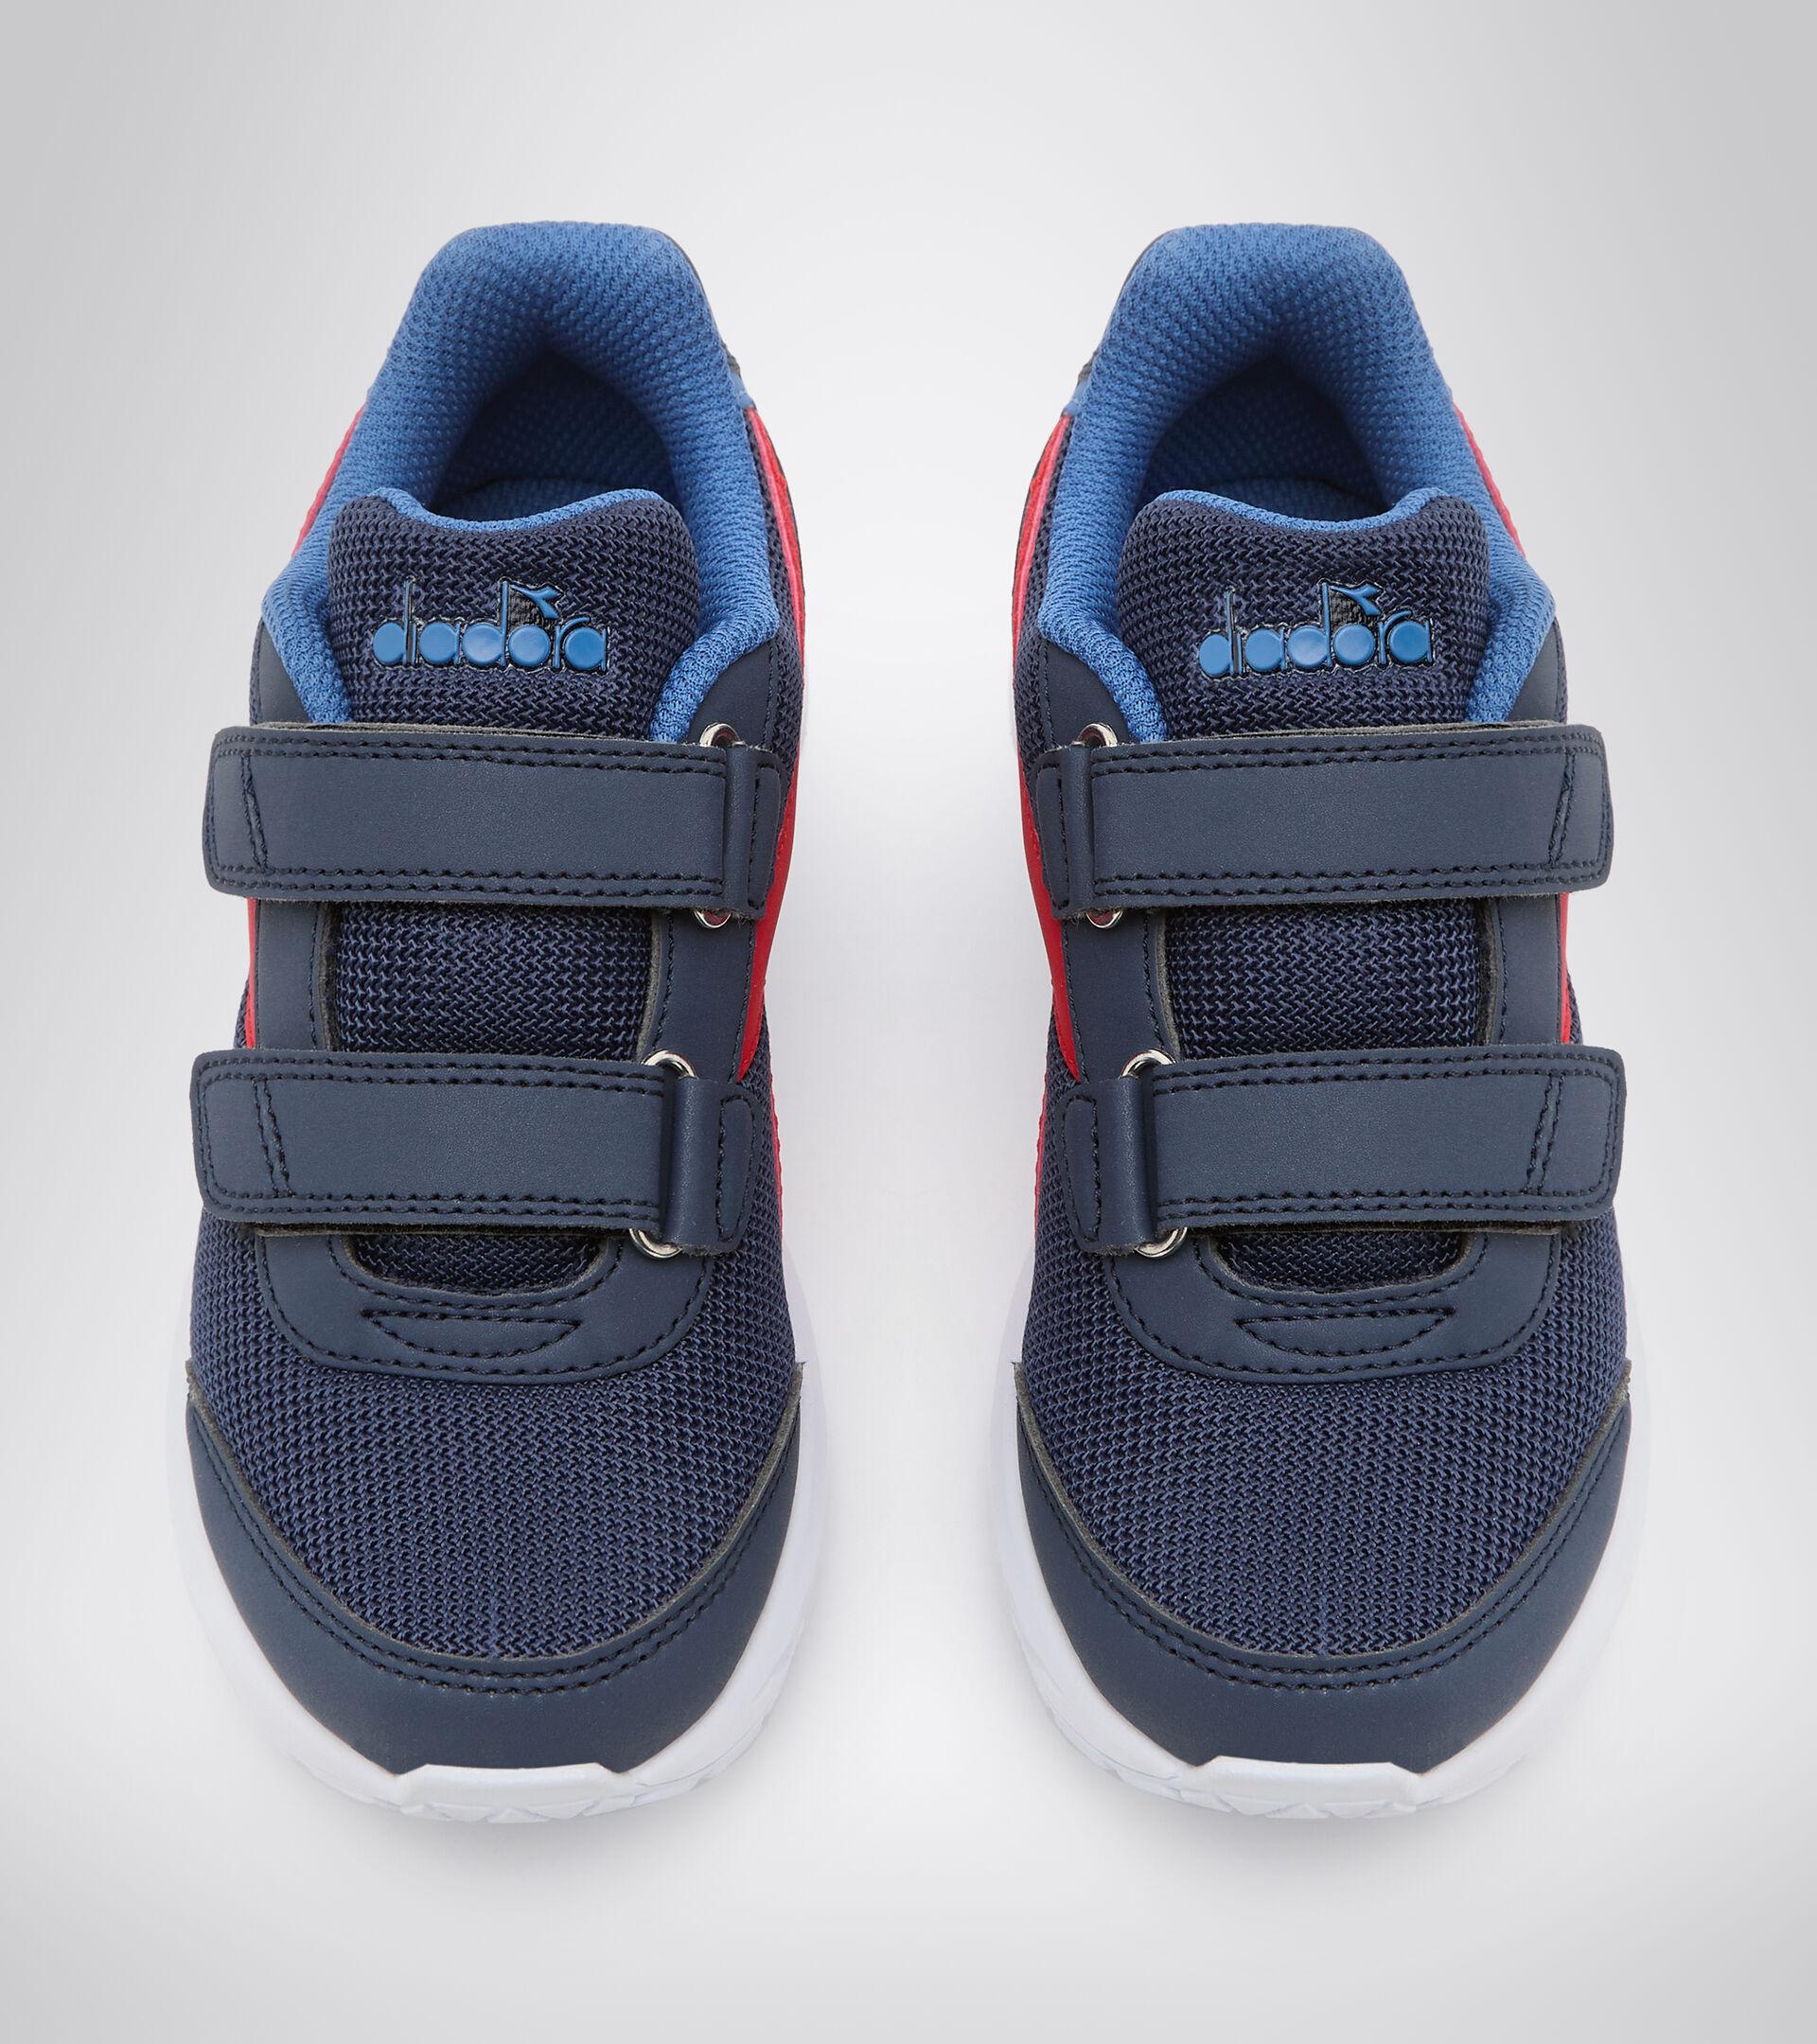 Zapatilla de running - Unisex niños FALCON JR V LIRIO NEGRO/AZUL FEDERAL - Diadora